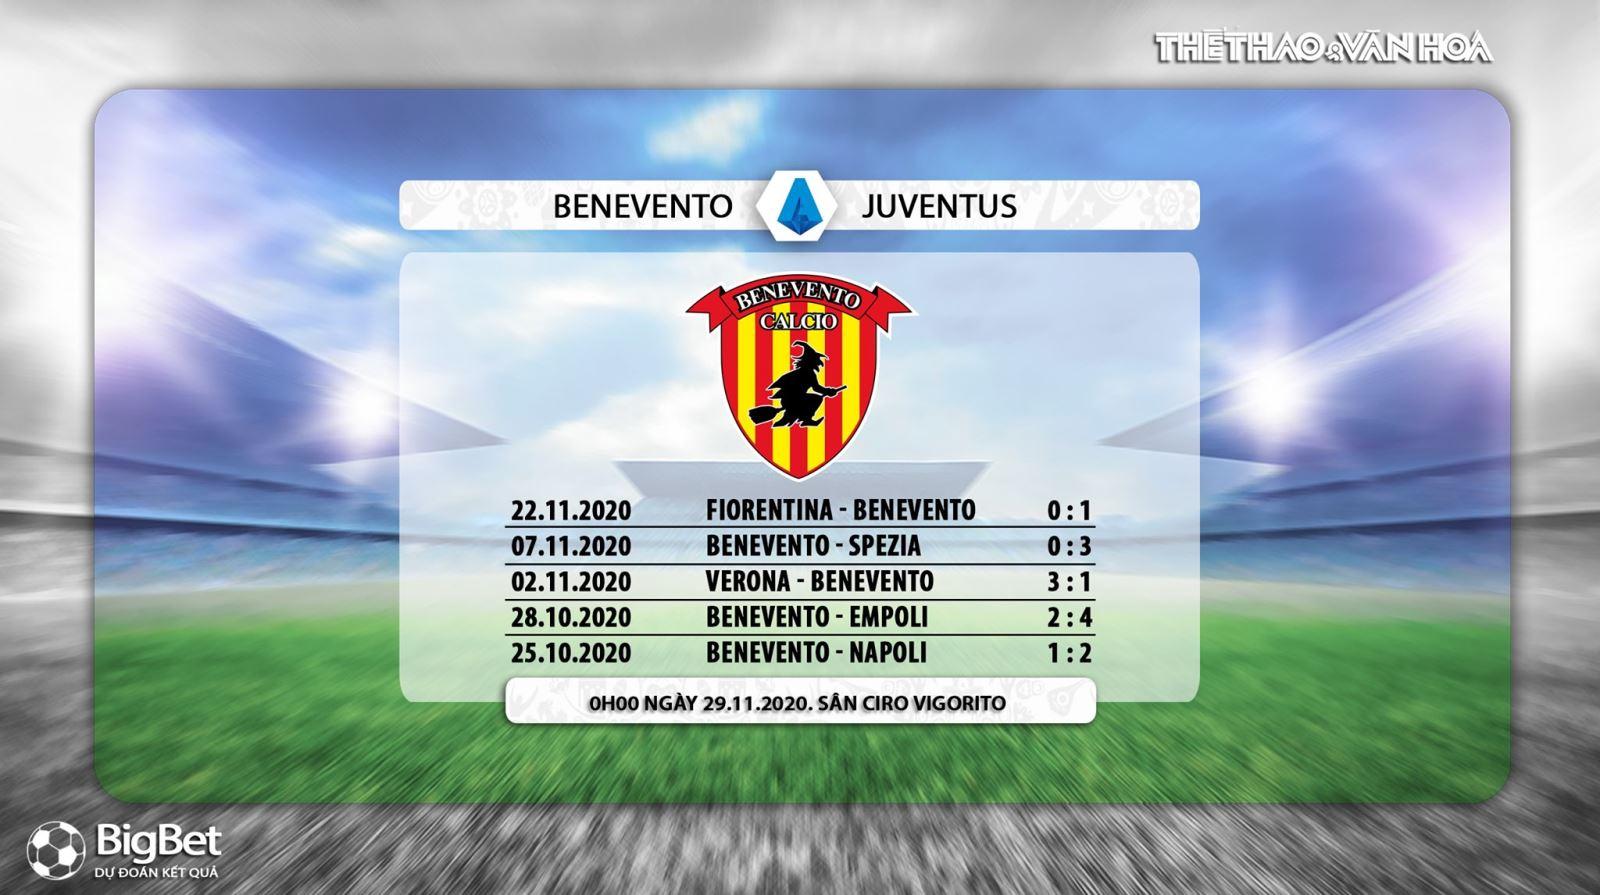 Keo nha cai, kèo nhà cái, Benevento vs Juventus, Vòng 9 Serie A, Trực tiếp FPT, Trực tiếp Serie A vòng 9, Soi kèo Juventus đấu với Benevento, Kèo Juventus, BXH Serie A